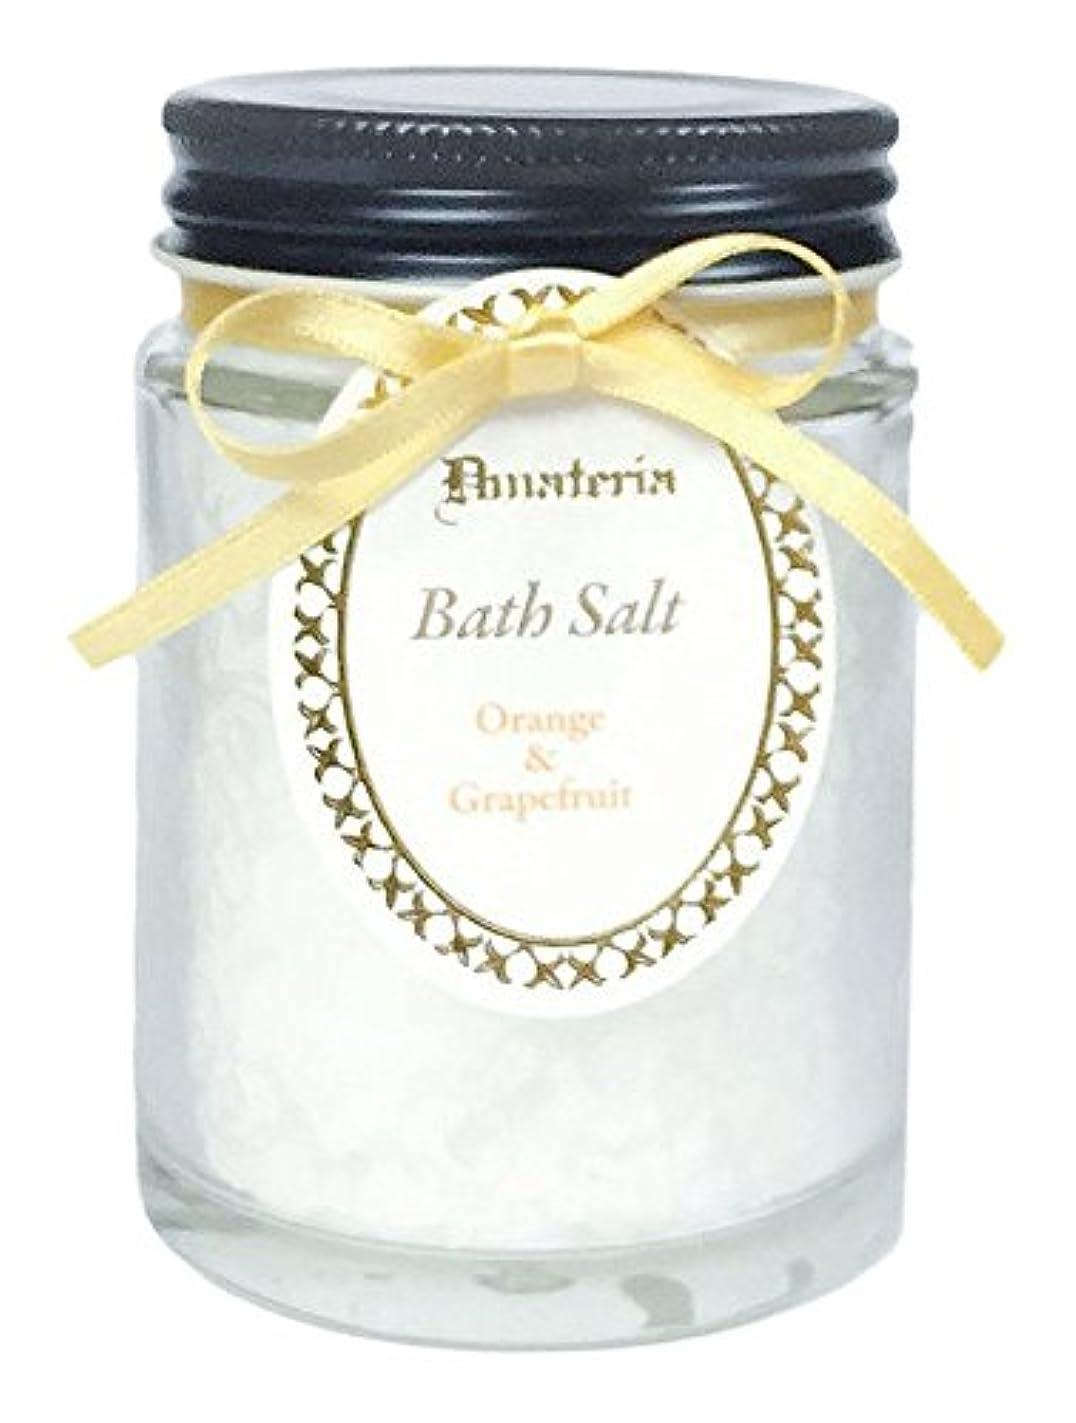 真剣に農奴含むD materia バスソルト オレンジ&グレープフルーツ Orange&Grapefruit Bath Salt ディーマテリア